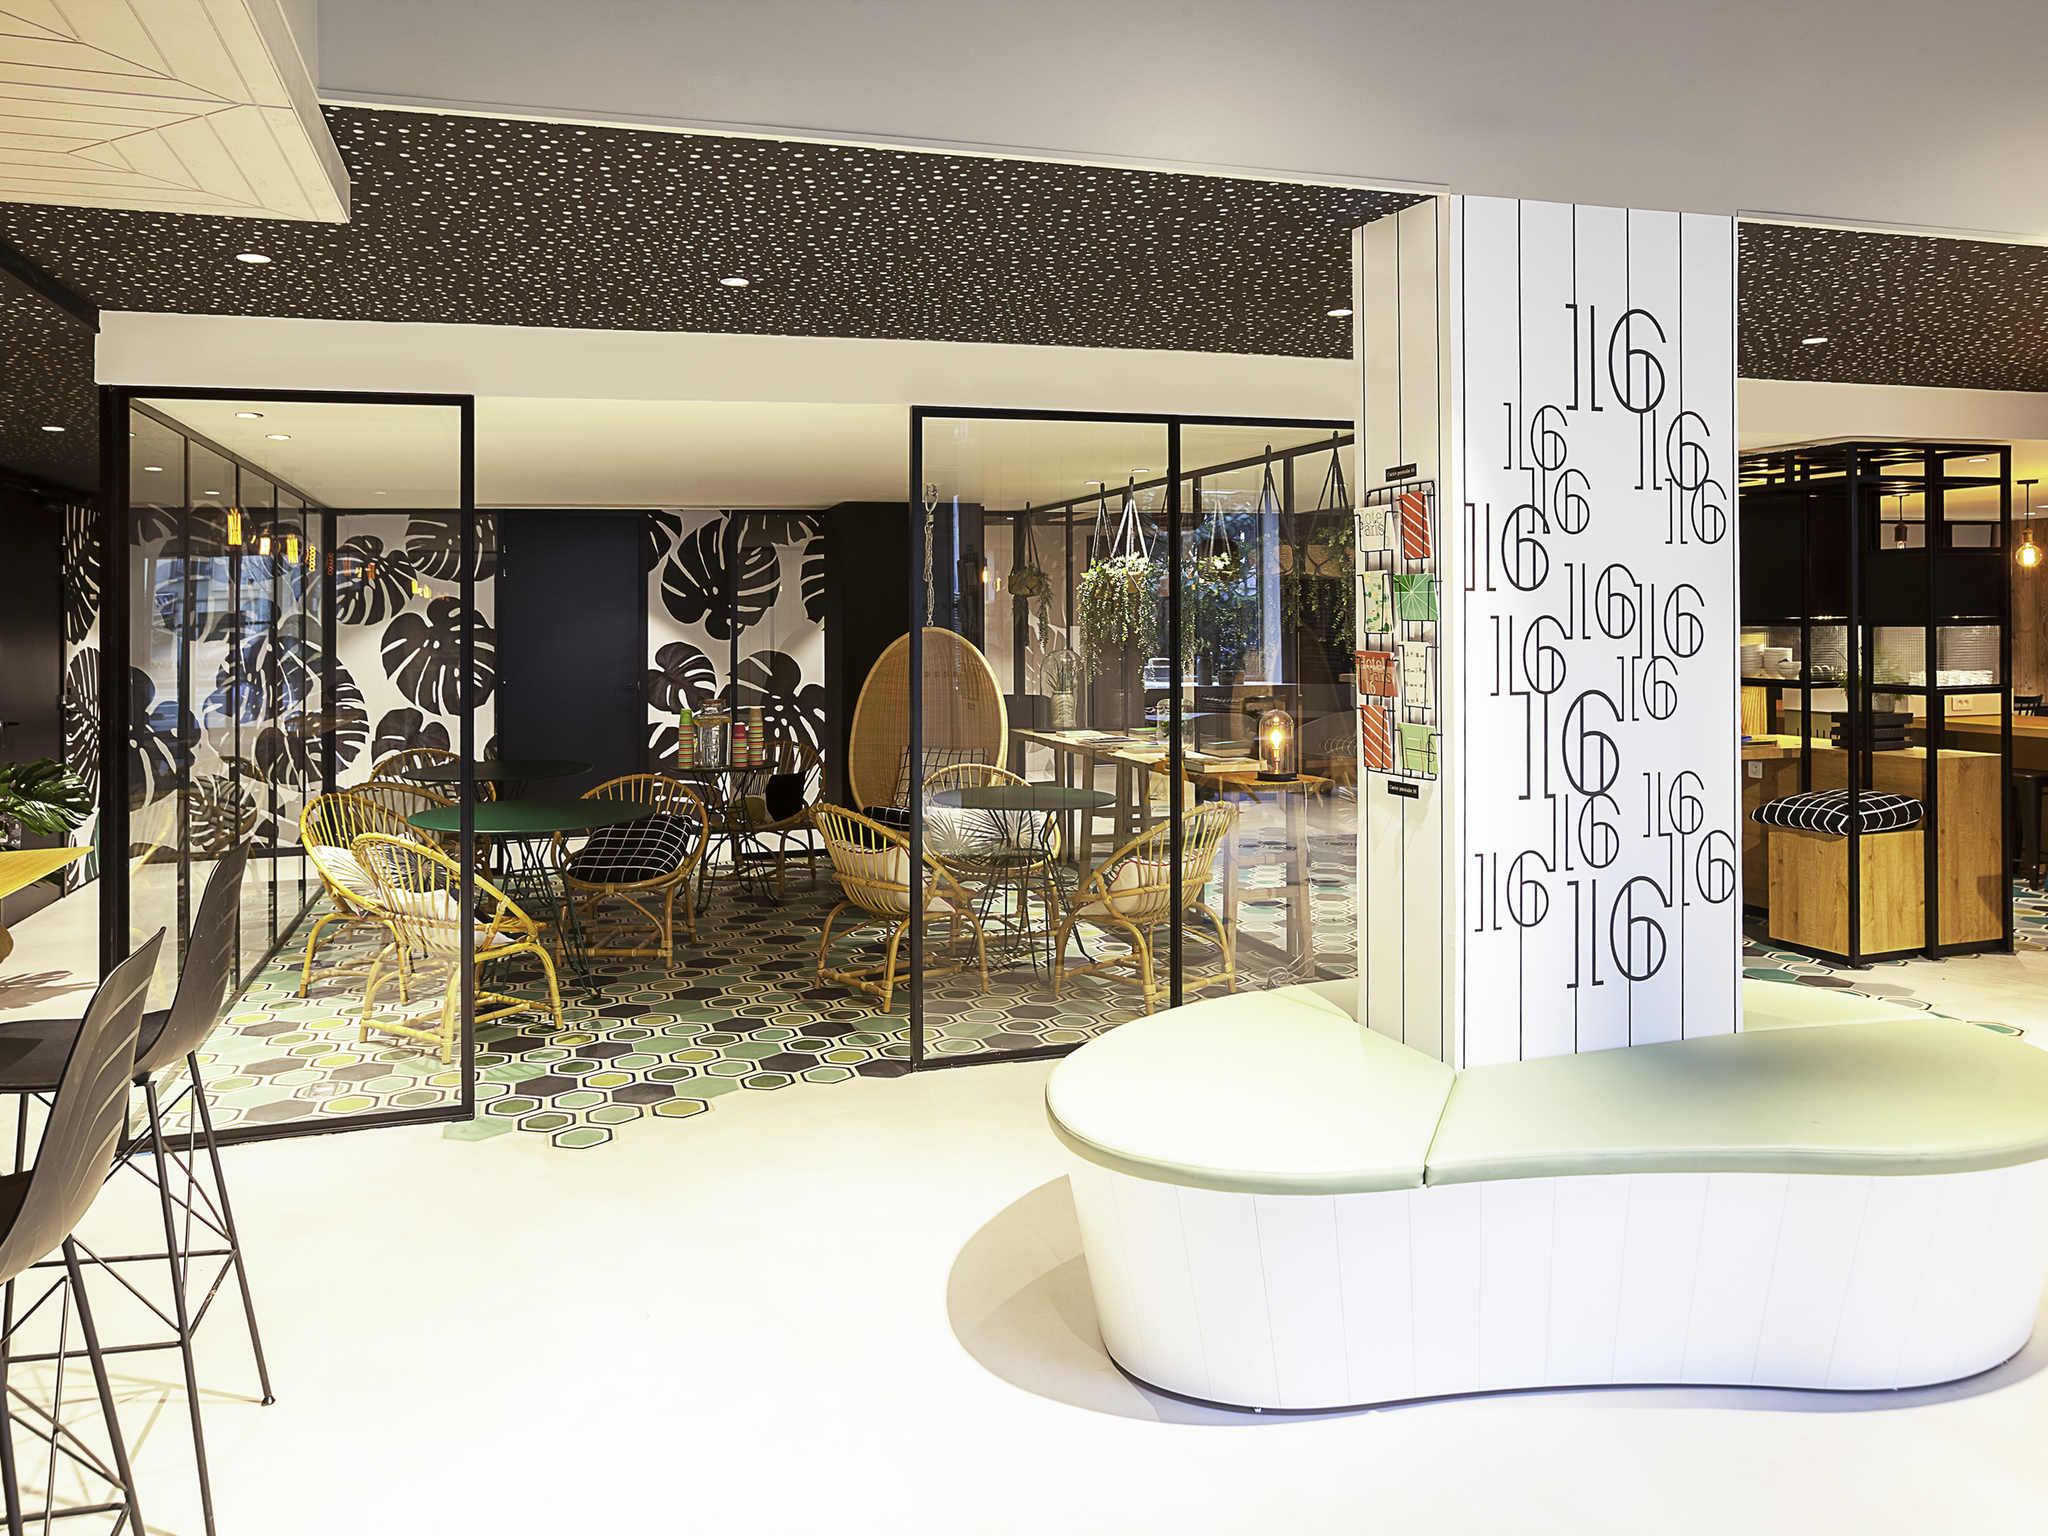 酒店 – 宜必思尚品巴黎 16 区布洛涅酒店(2017 年 11 月开业)